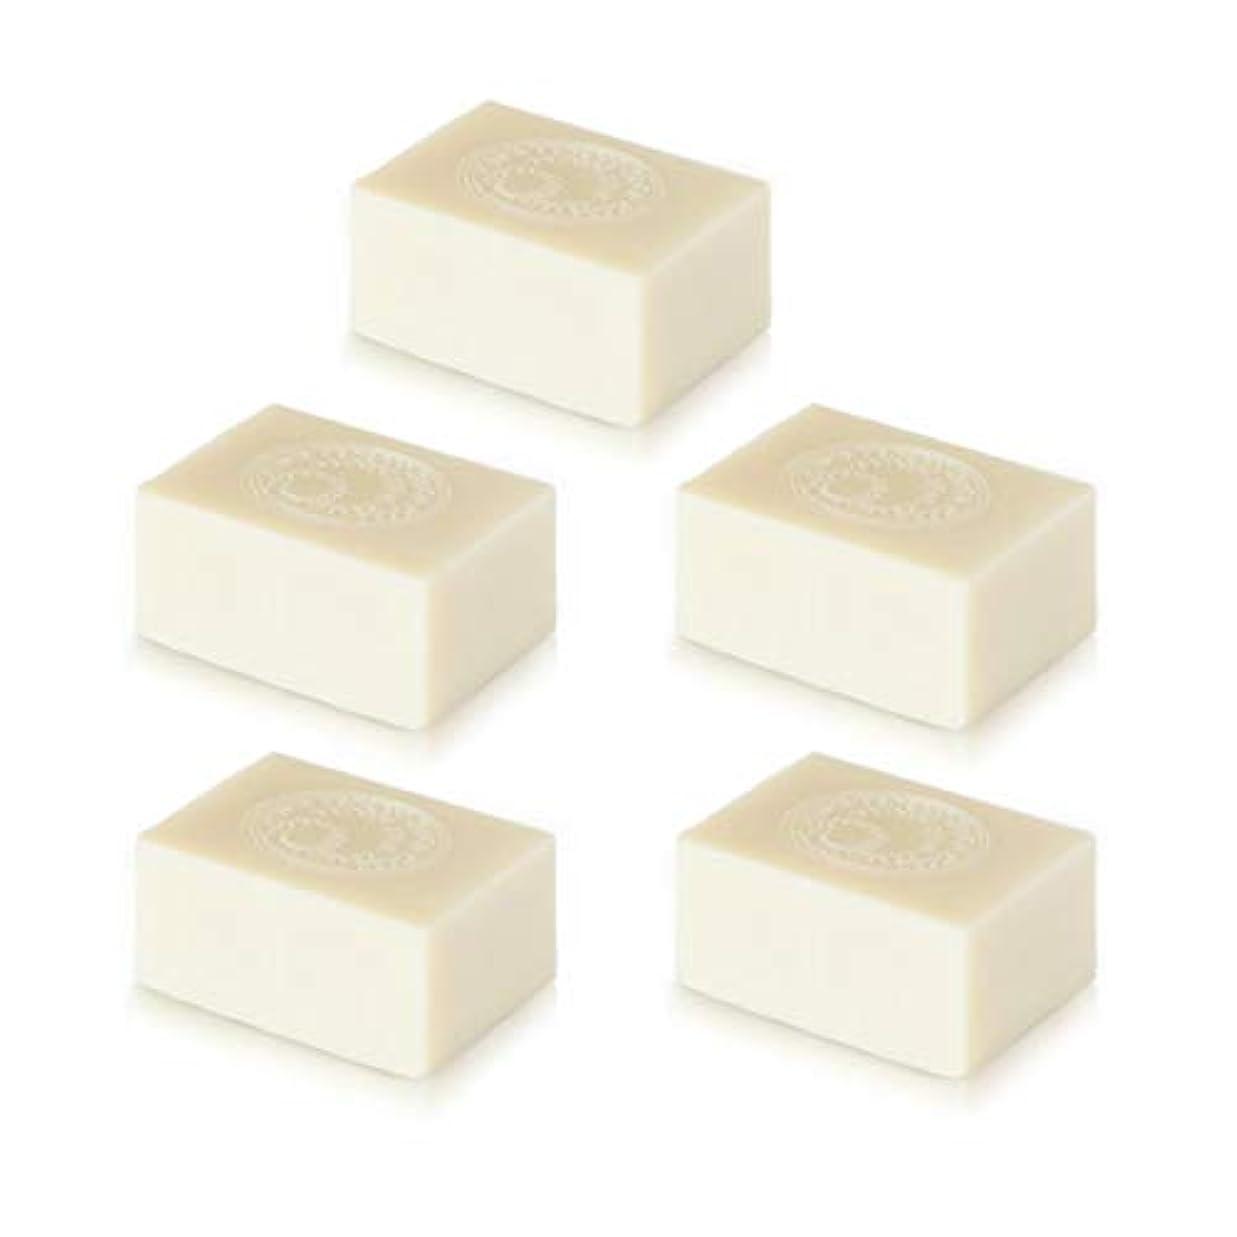 偽善下向きデータムナイアード アルガン石鹸5個セット( 145g ×5個)無添加アルガン石鹸